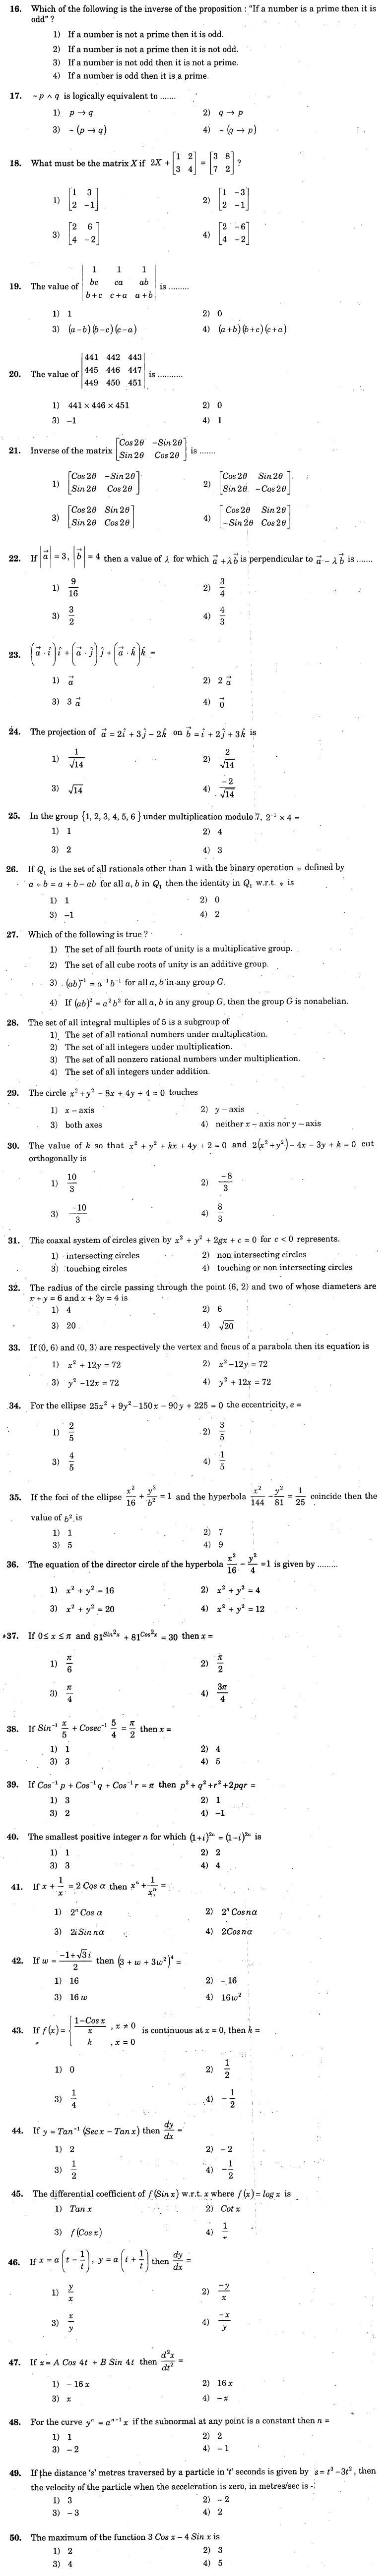 KCET 2004 Question Paper - Maths